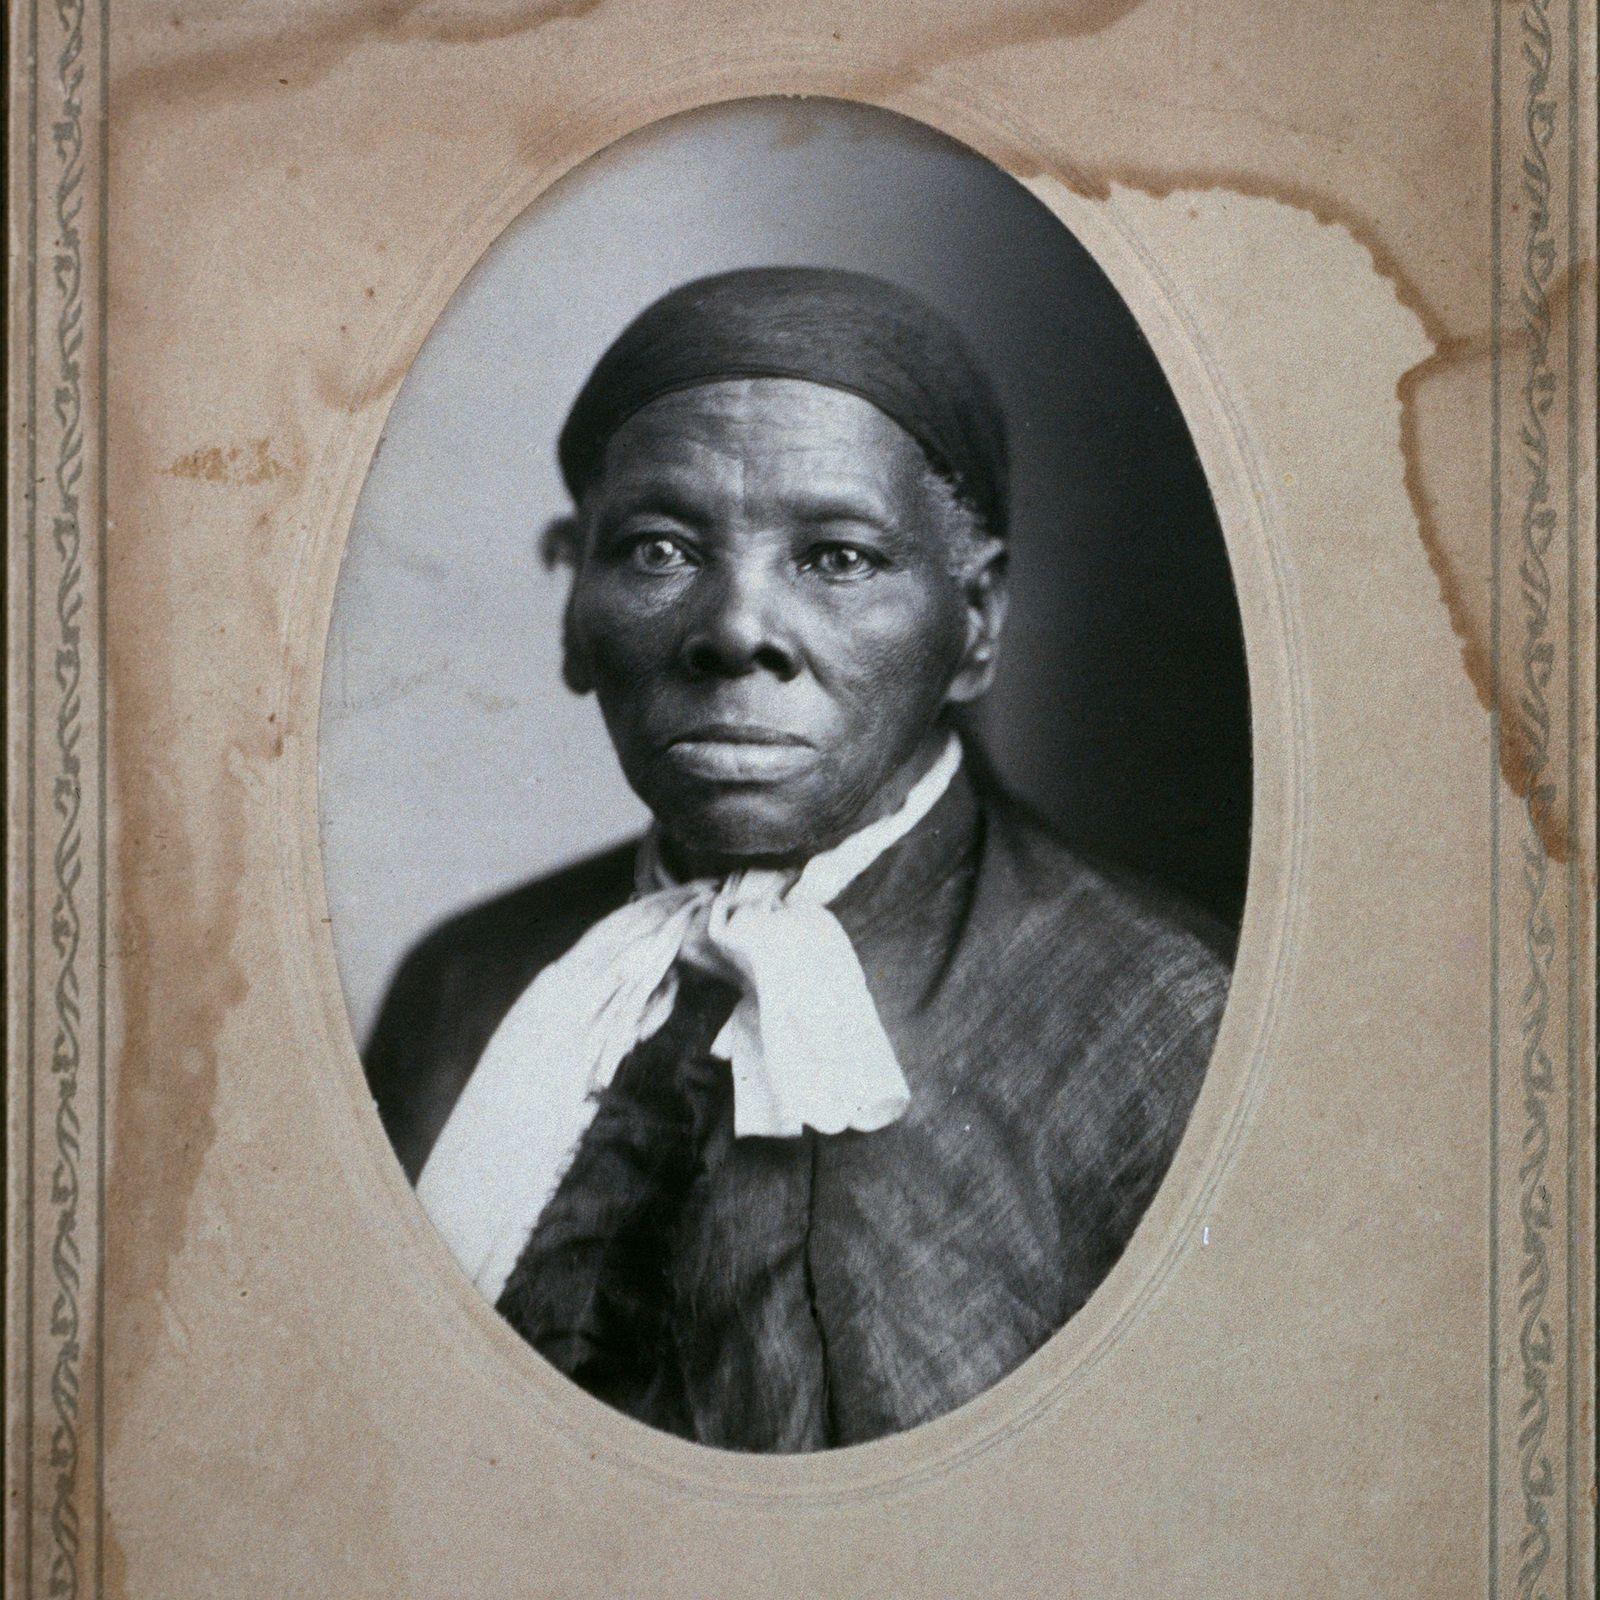 Mit Revolver & Vision: Harriet Tubman riskierte ihr Leben für Sklaven